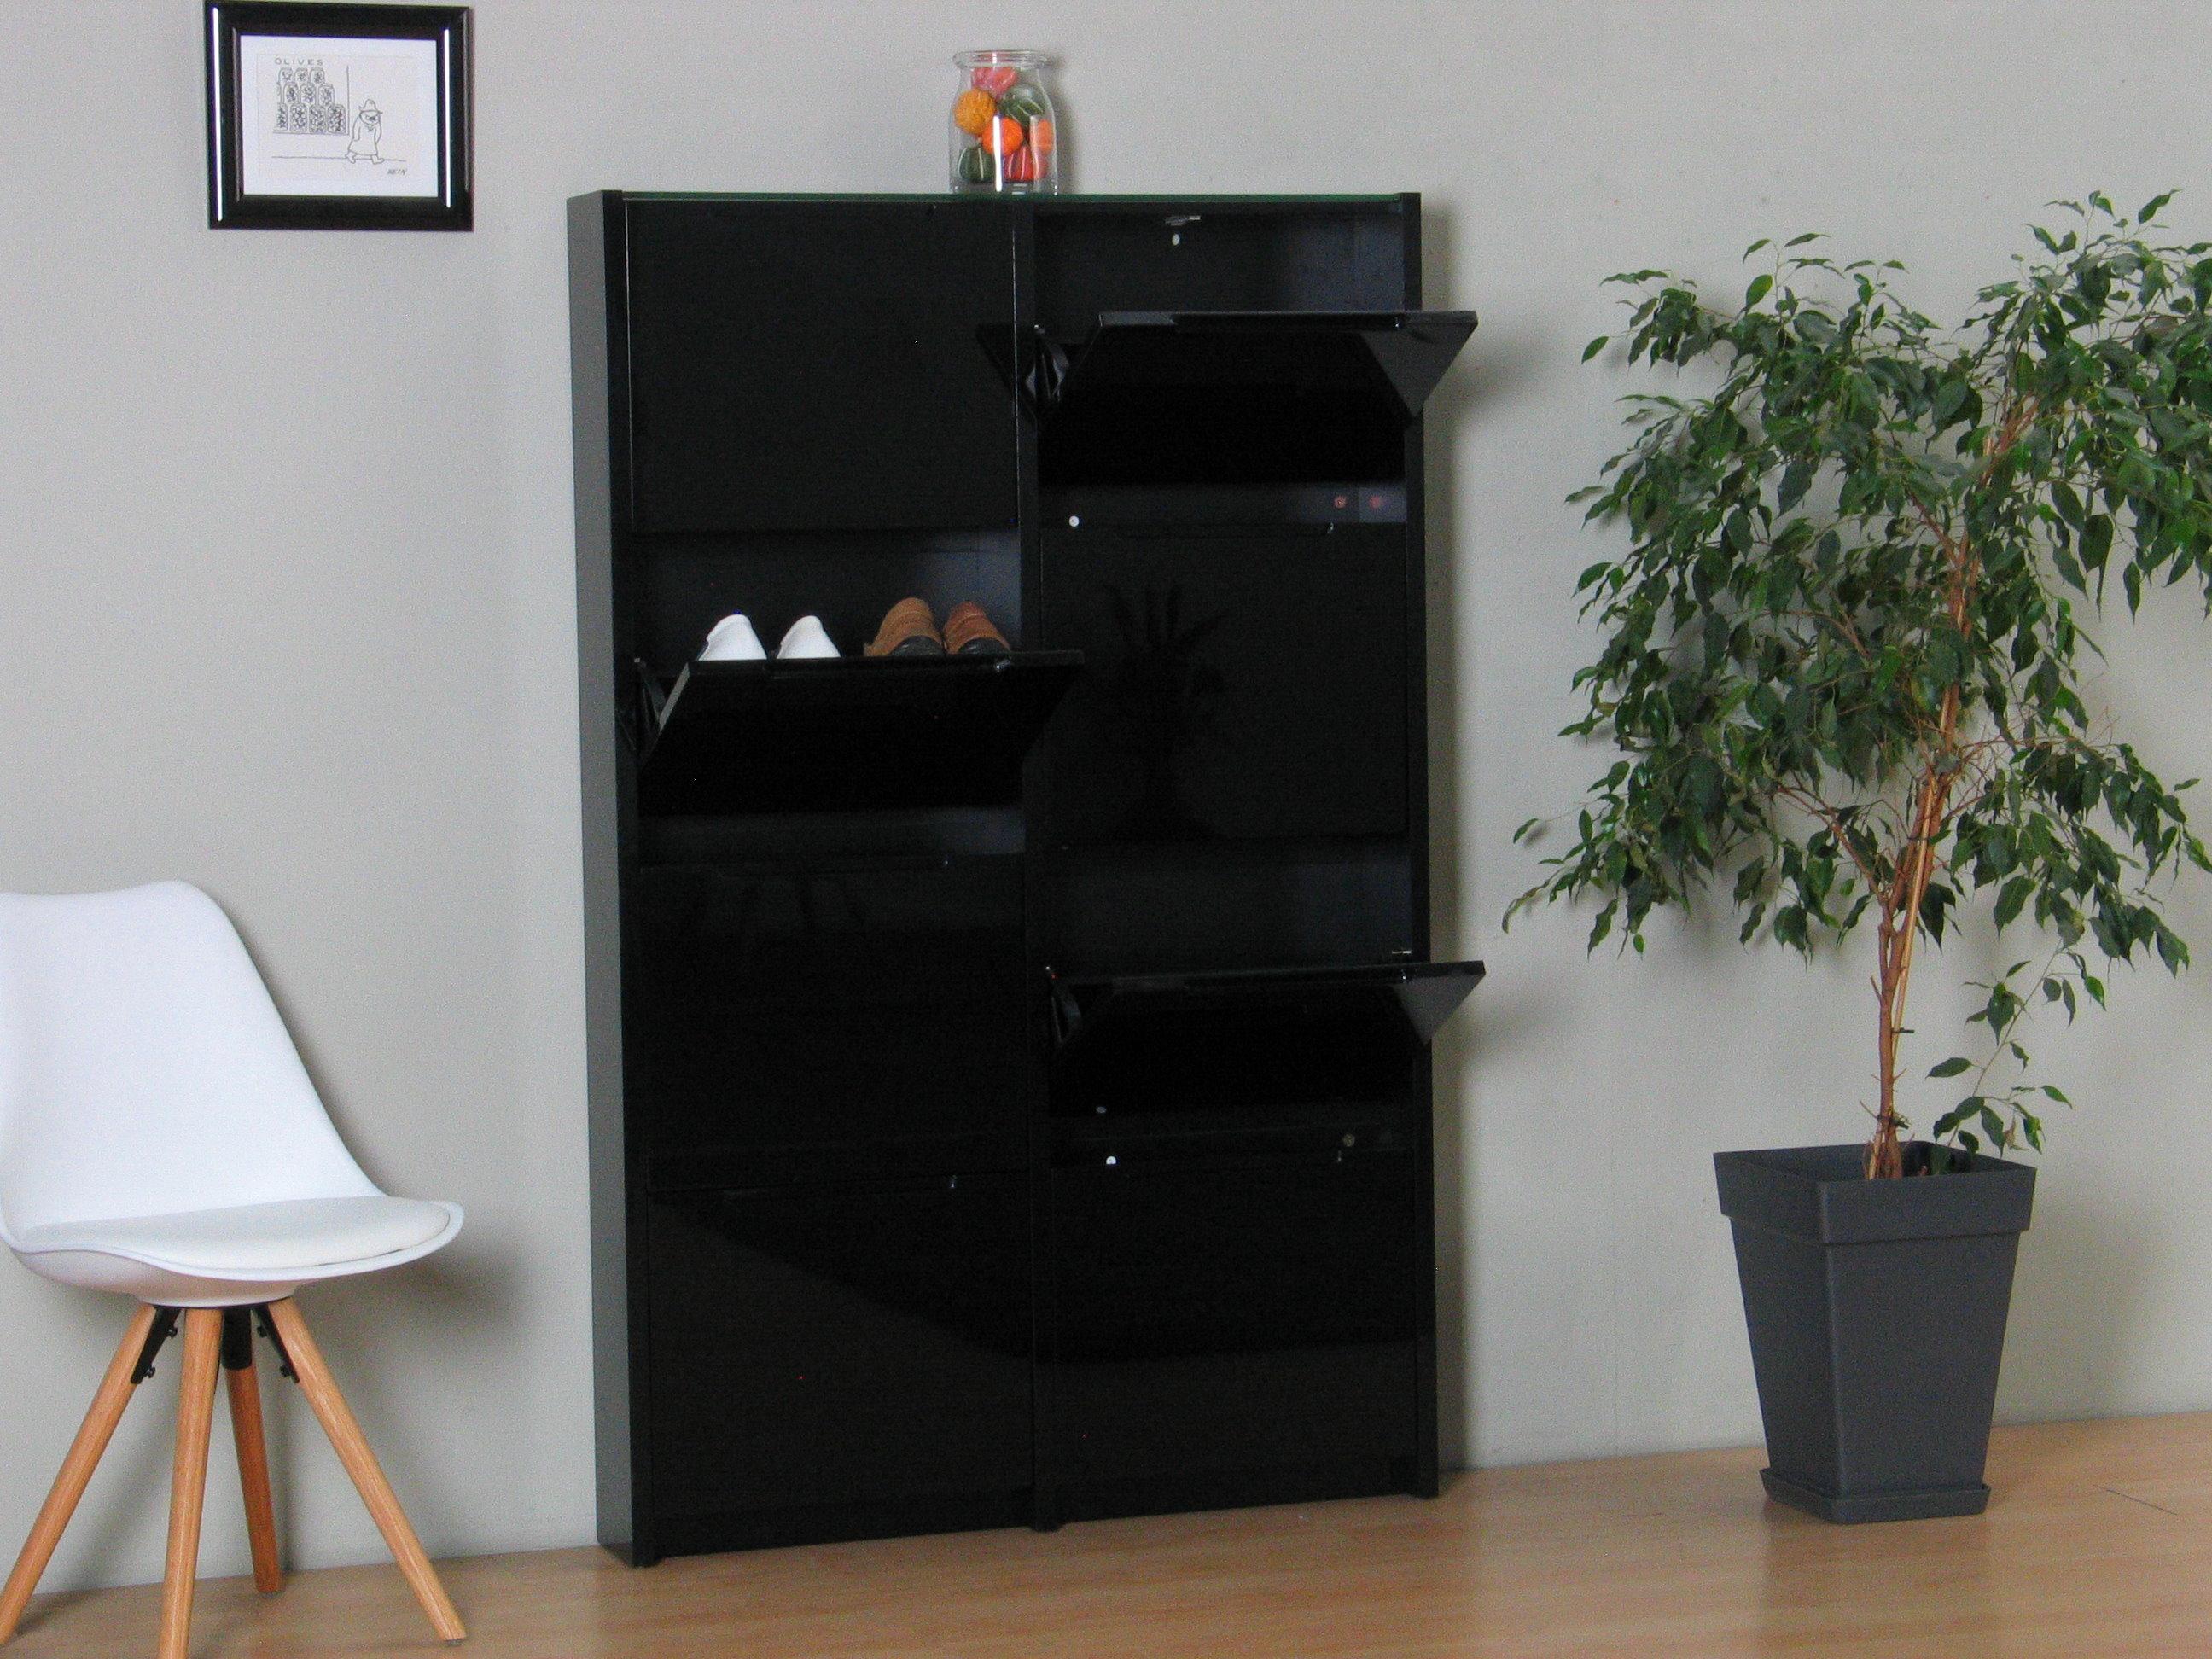 schuhschrank berlin schuhkipper schuhregal flur dielen. Black Bedroom Furniture Sets. Home Design Ideas